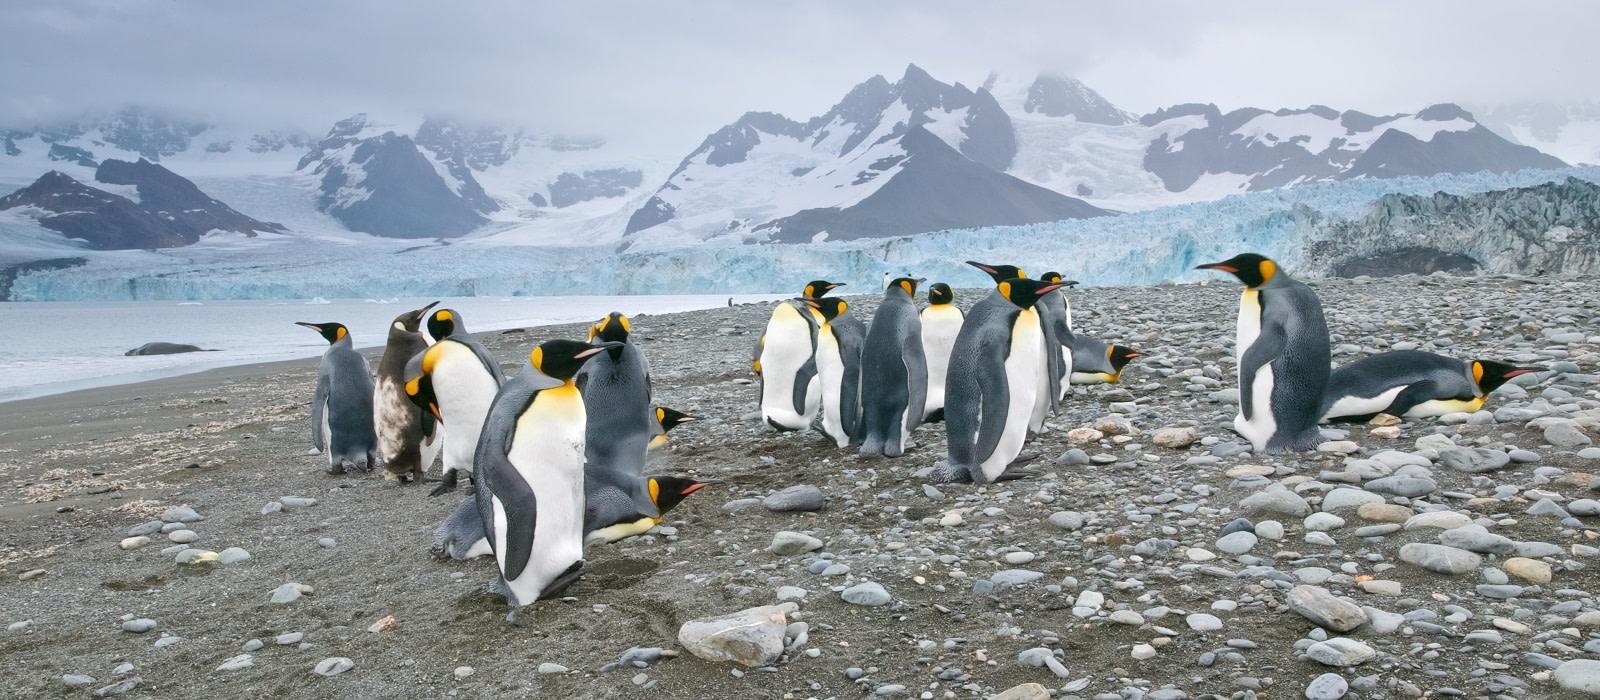 Südgeorgien & Antarktische Halbinsel – im Reich der Pinguine Urlaub 1